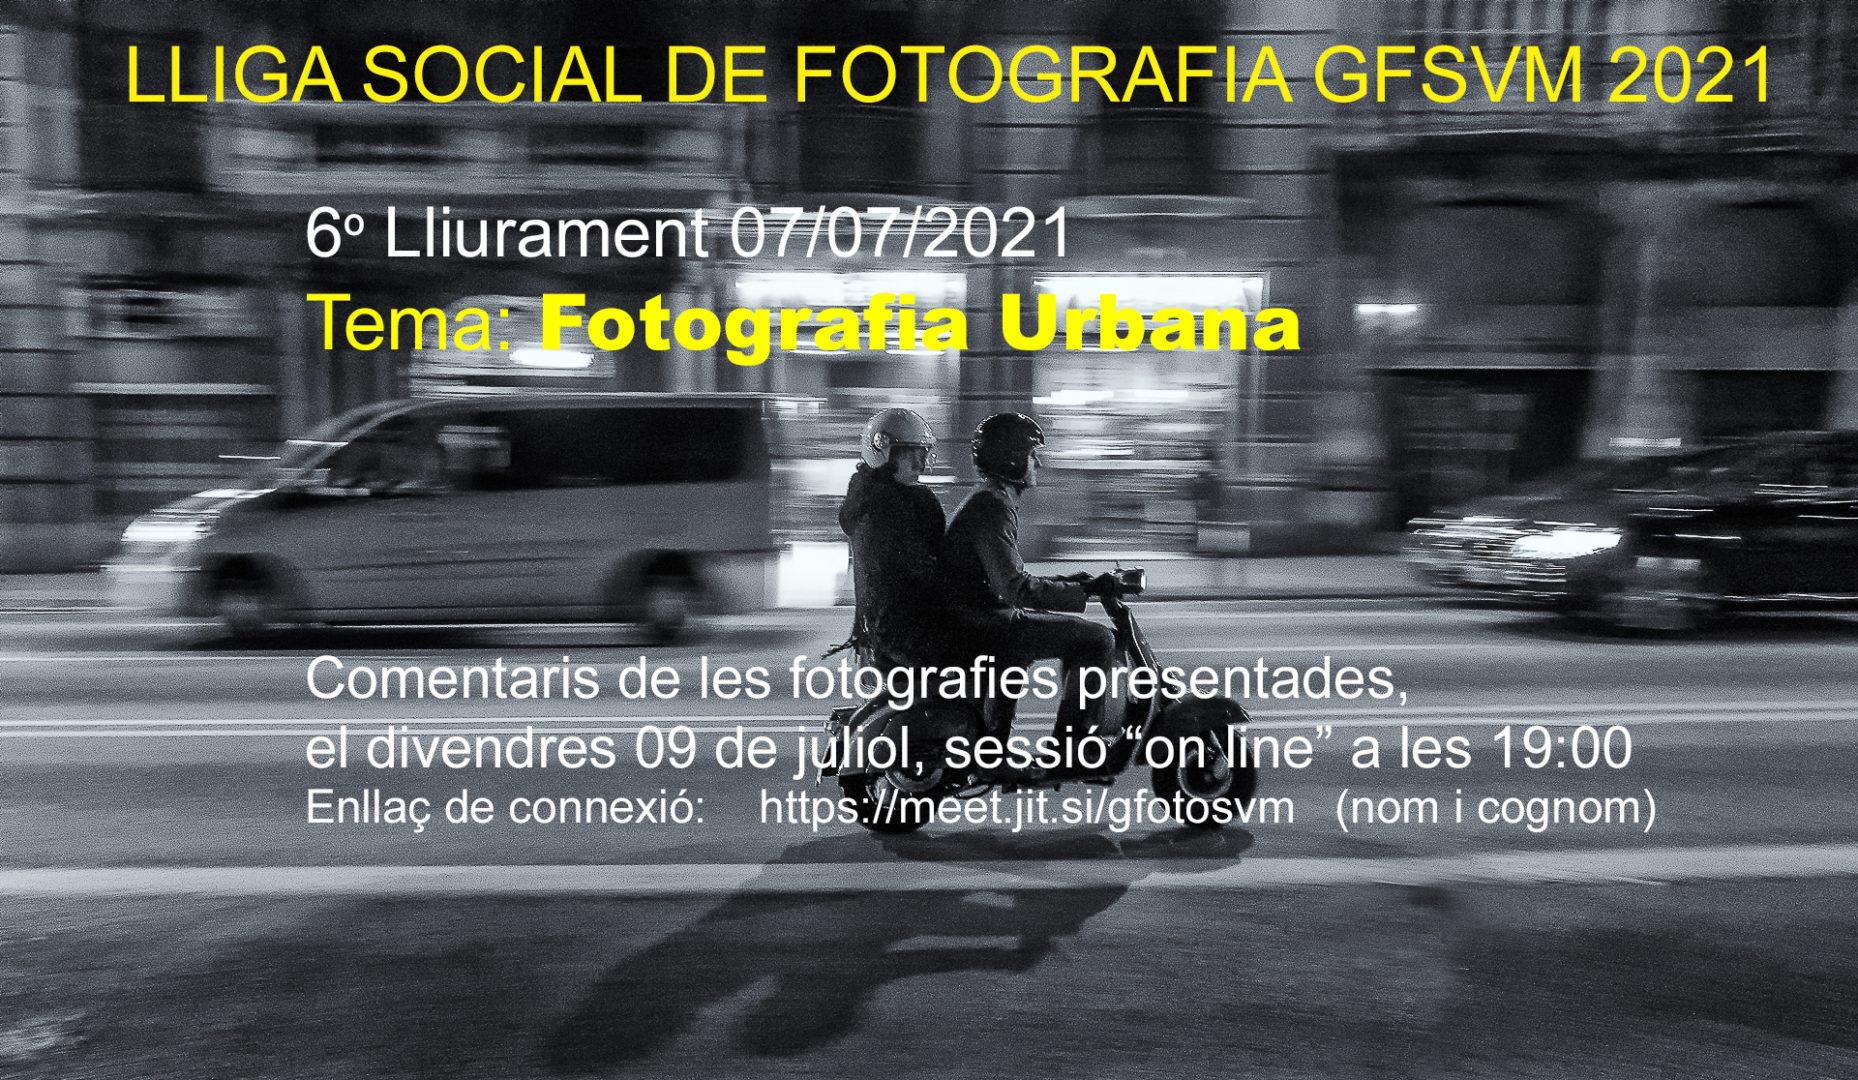 6º-Lliurament_Lliga-1858x1080.jpg